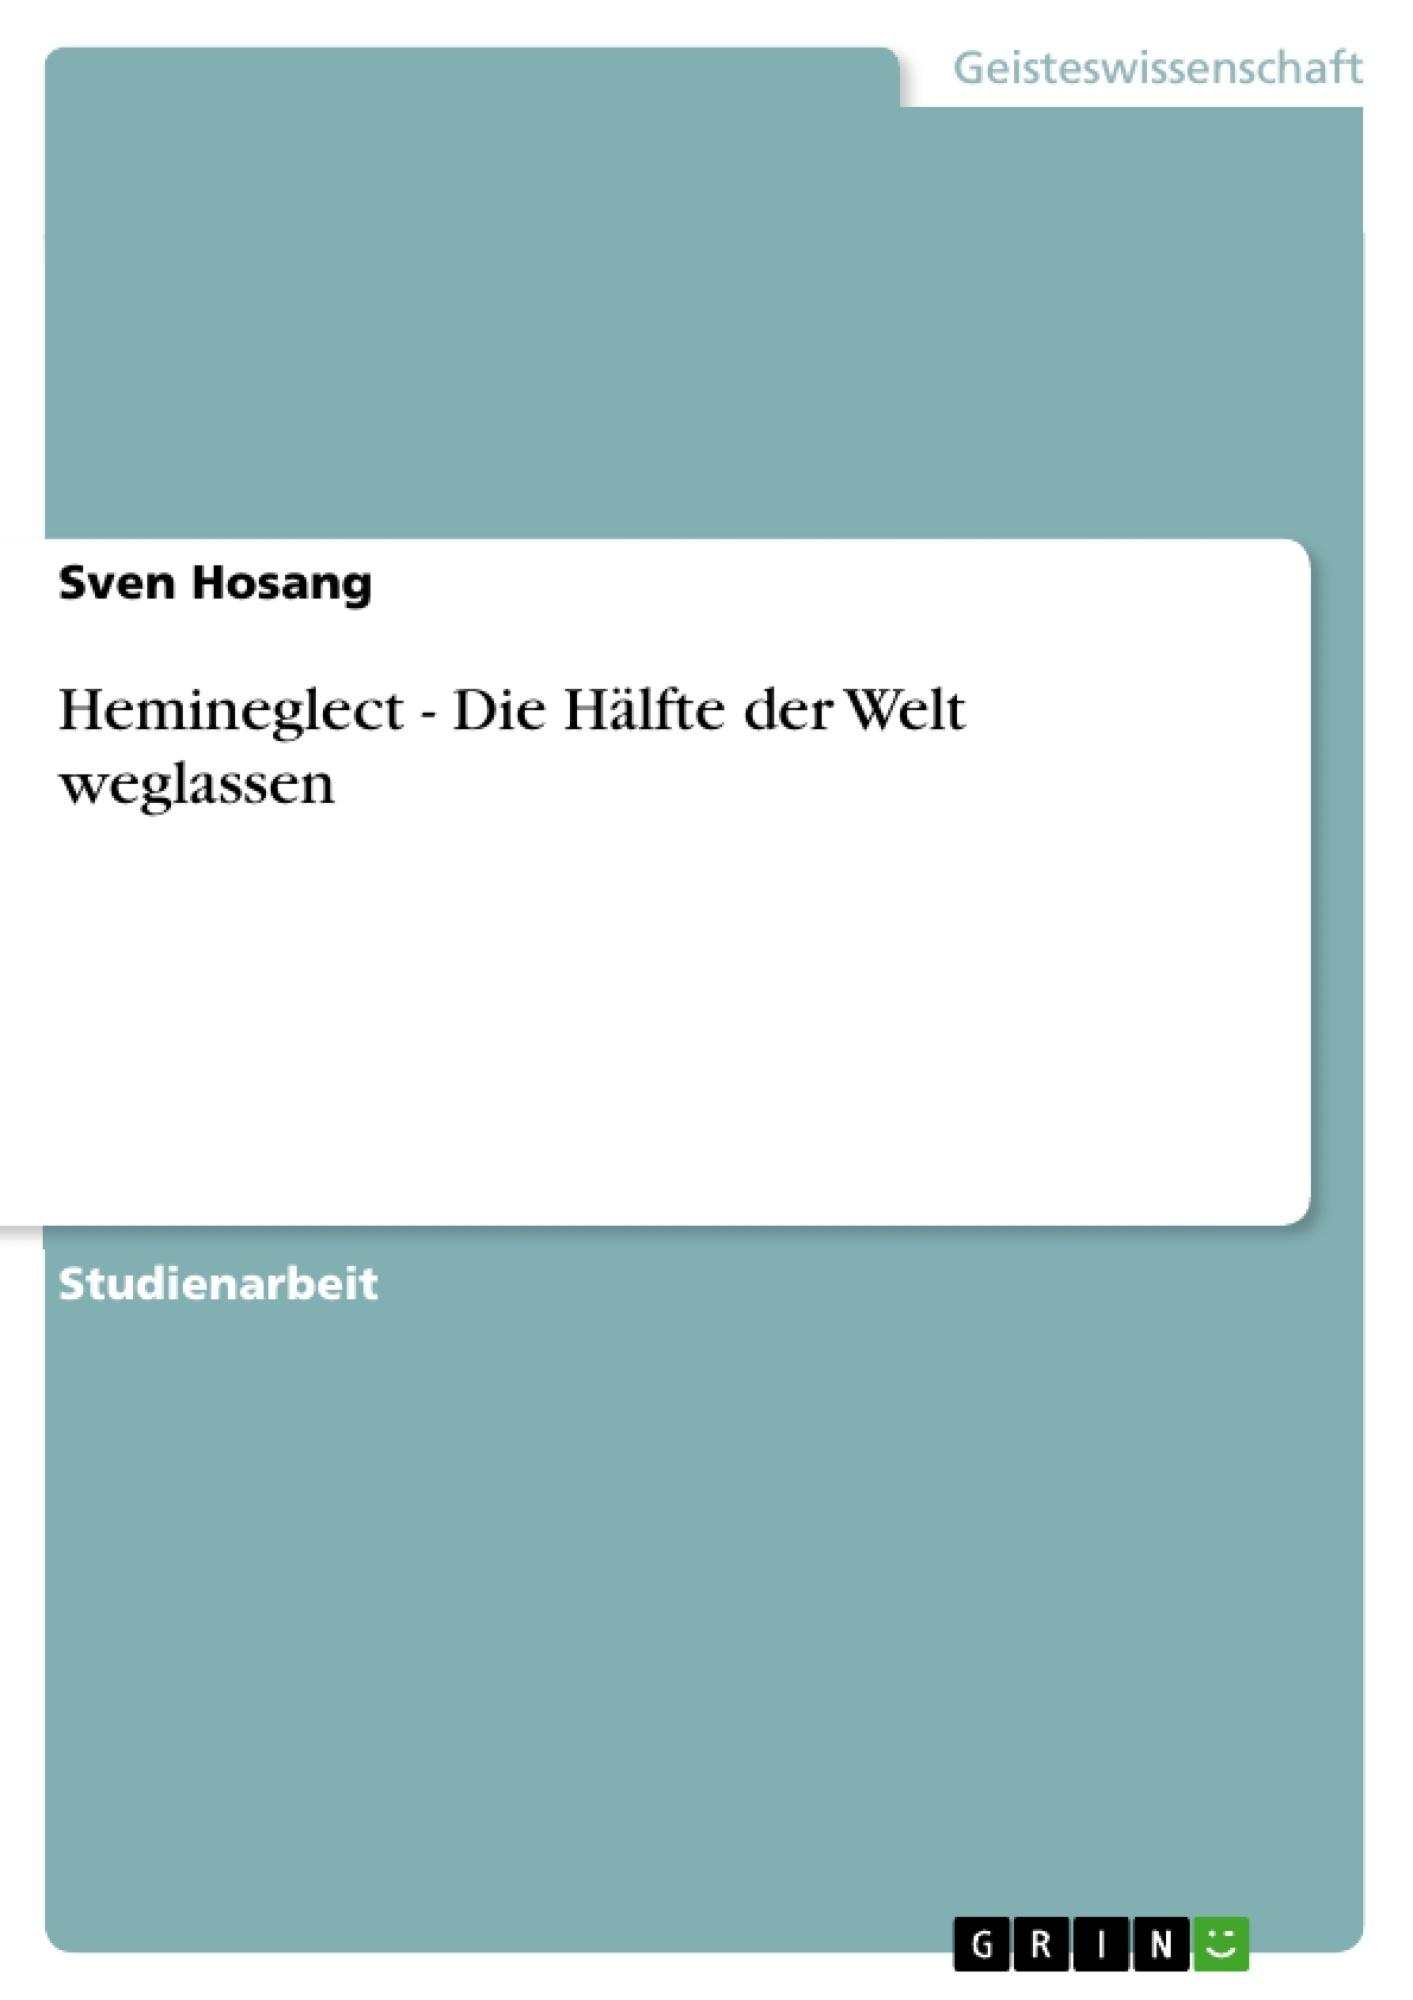 Titel: Hemineglect - Die Hälfte der Welt weglassen